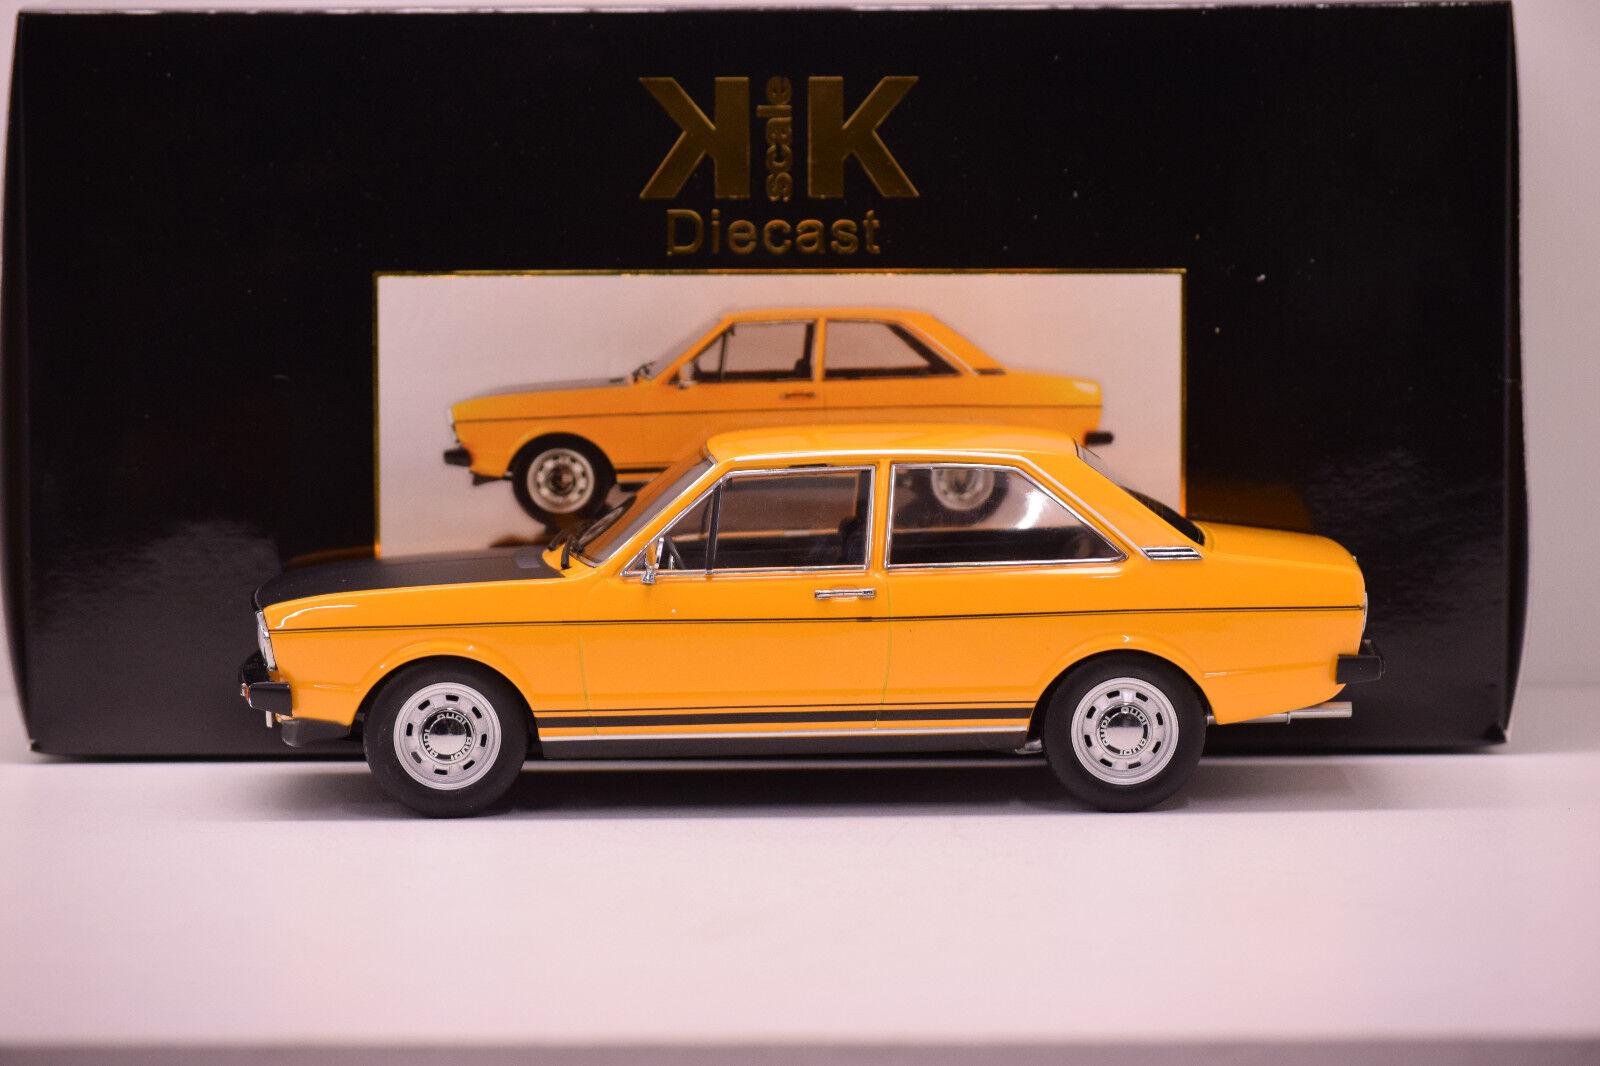 Audi 80 gte b1 1975 orange kk scale 1 18 new in box